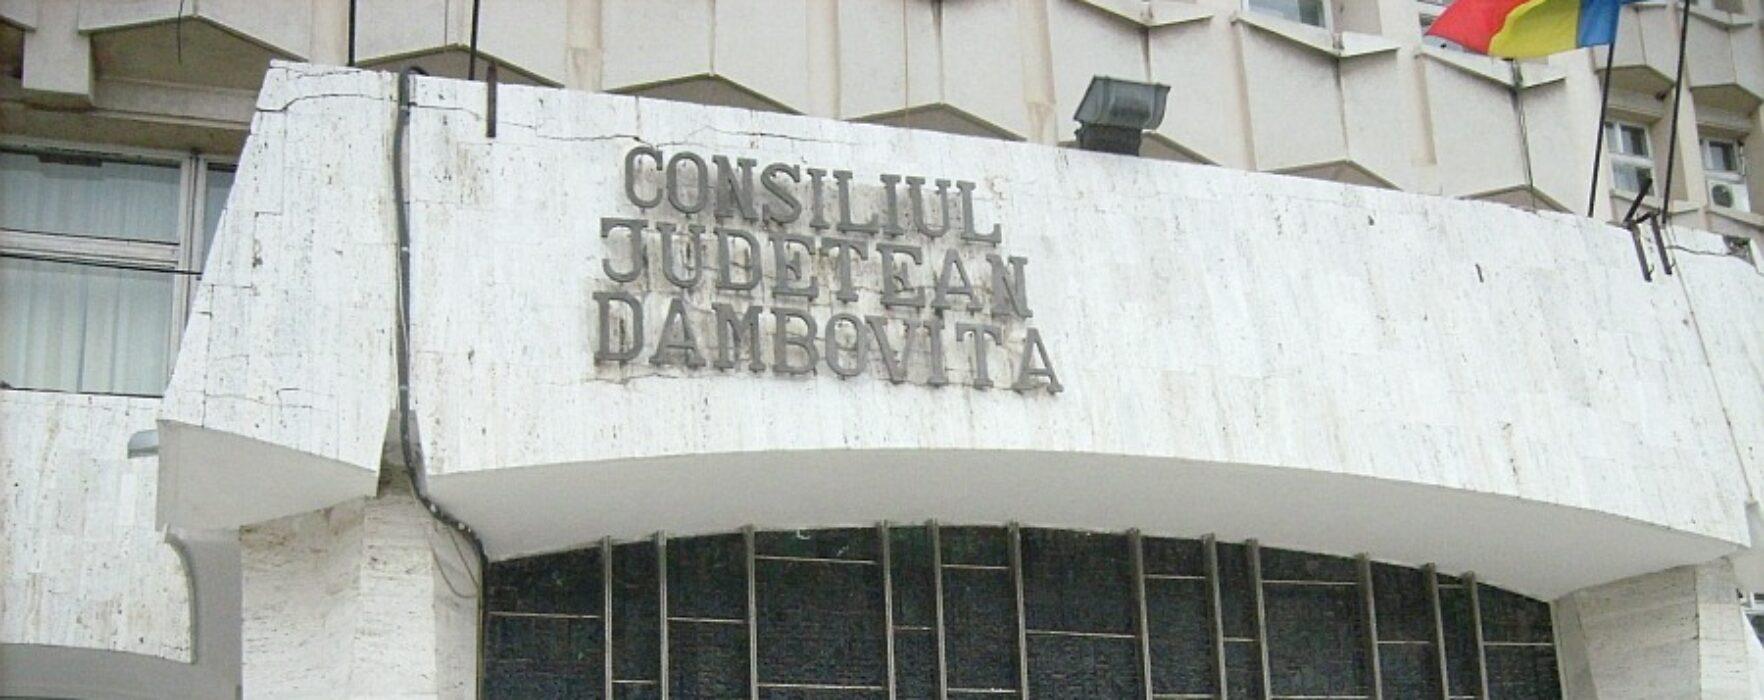 Angajaţii CJ Dâmboviţa evaluaţi, cine ia notă mică pleacă acasă